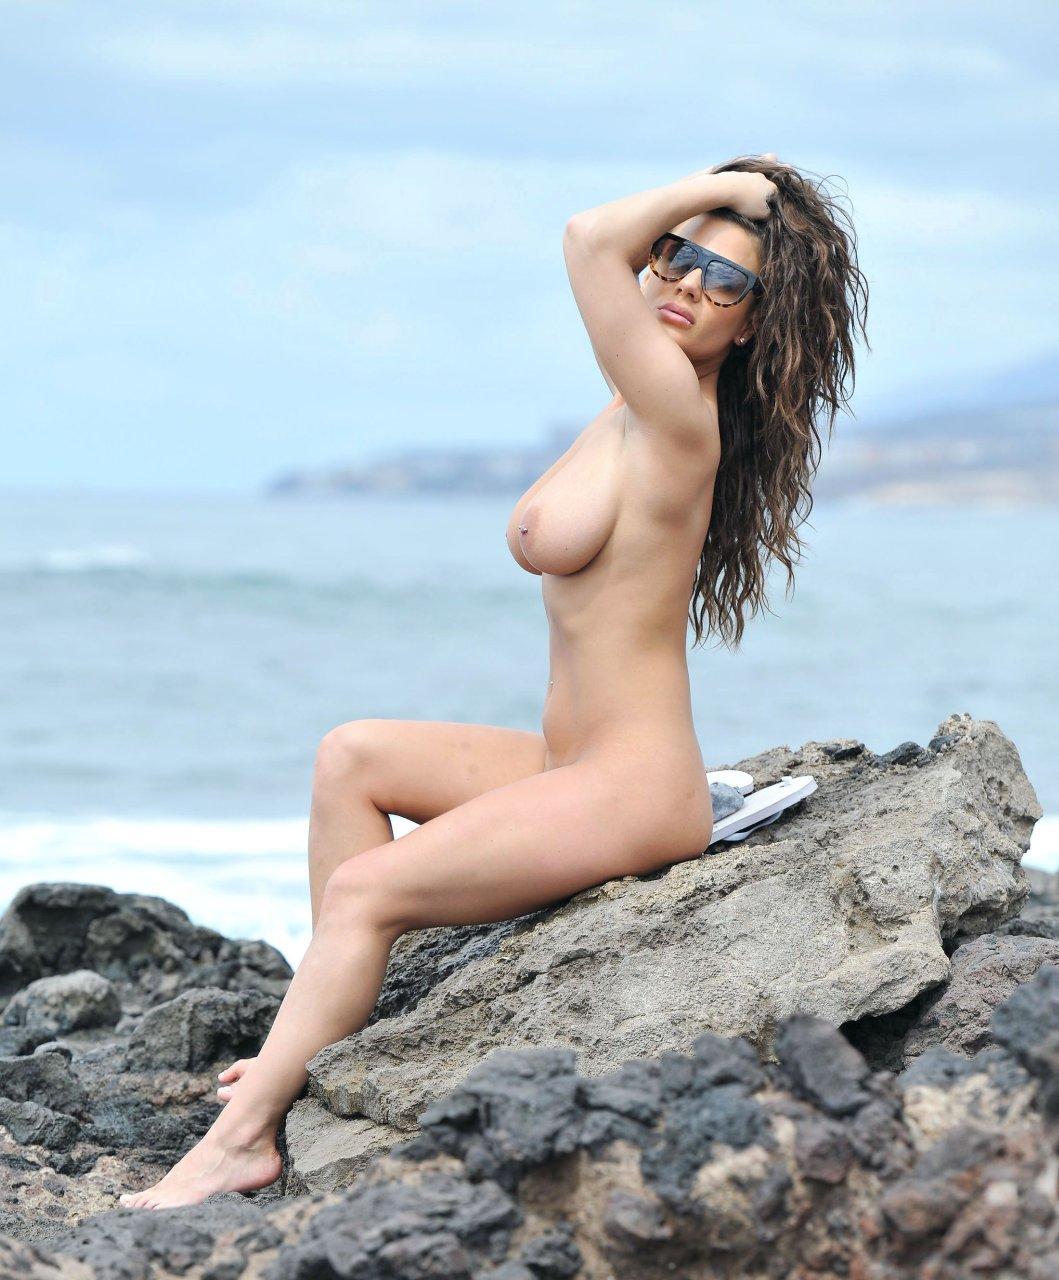 queensland-nude